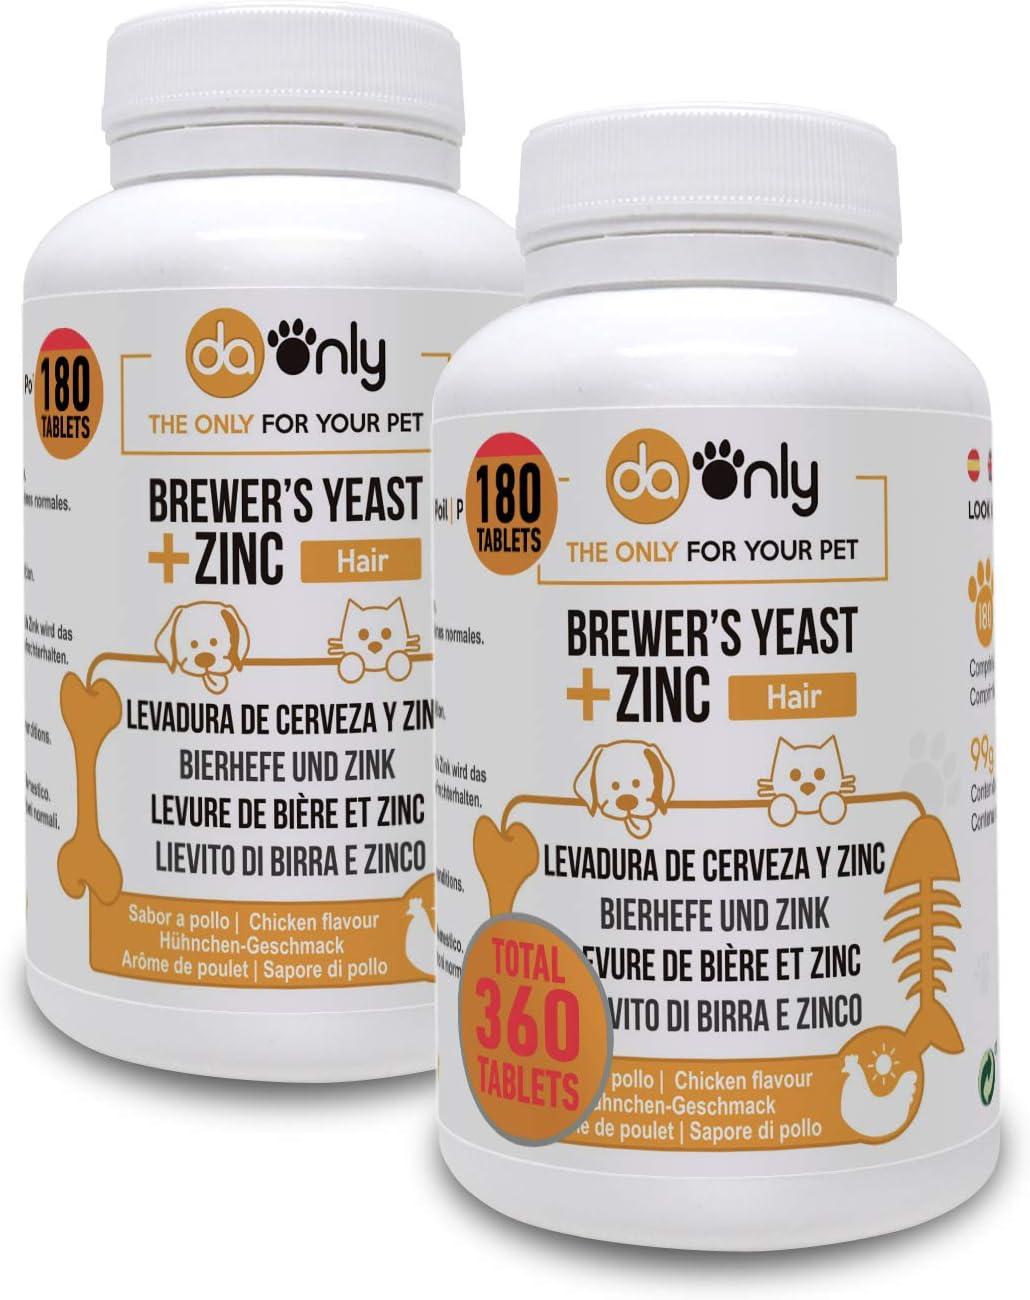 DAONLY Levadura de Cerveza + Zinc + Vitamina E para Perros y Gatos (Pack de 2) Suplemento Nutricional para el Pelo, la Piel y Las Uñas de tu Mascota. Fuente de vitaminas B.